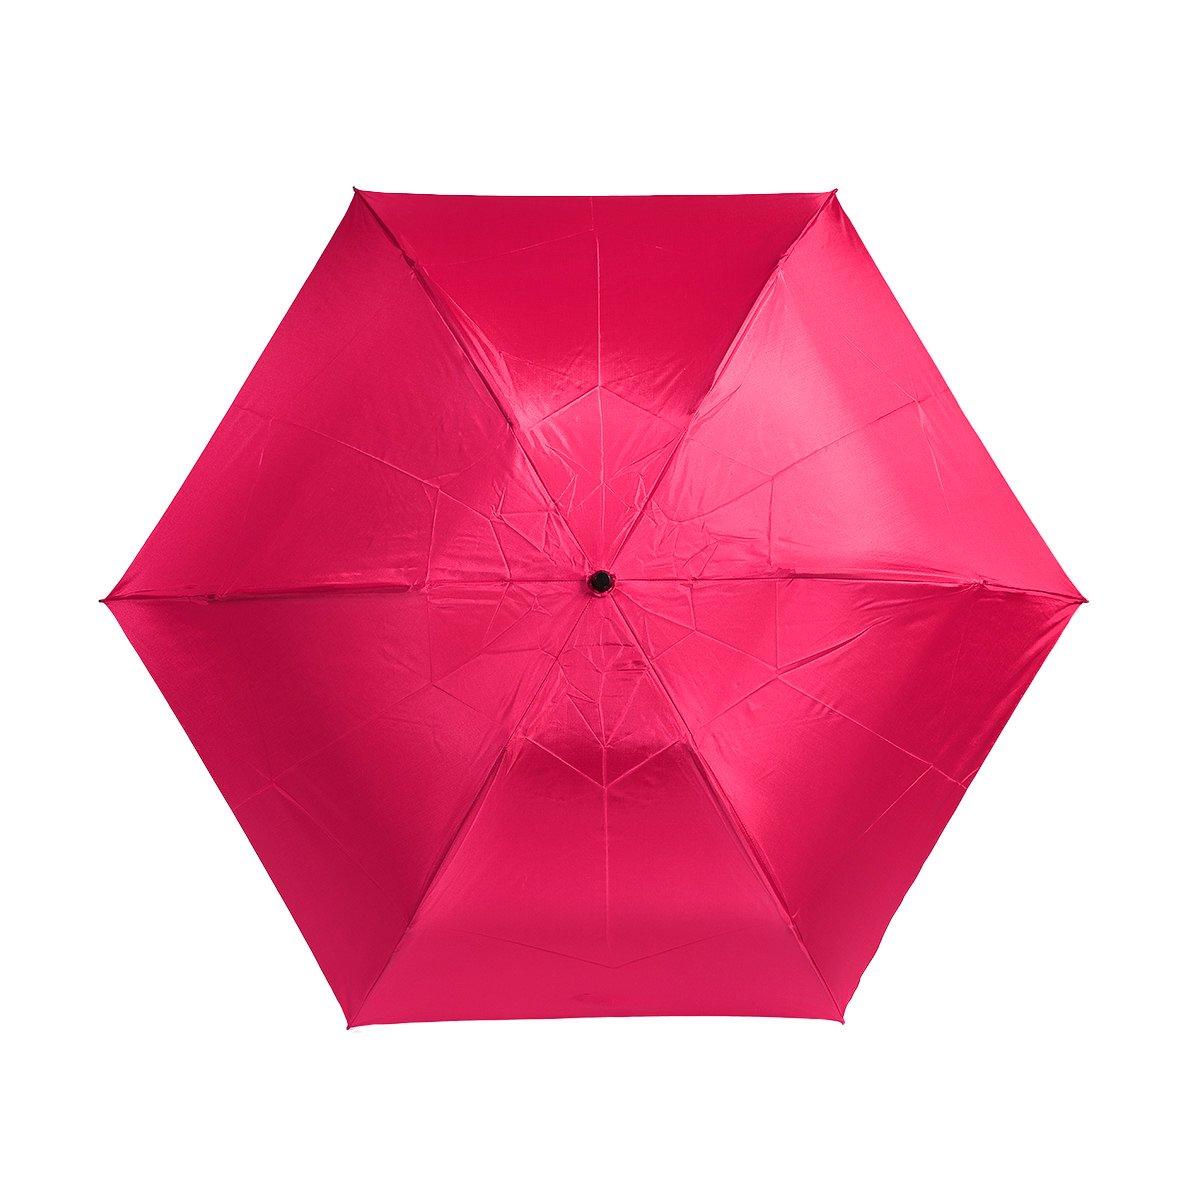 レディース 富士絹 折りたたみ傘 詳細画像6